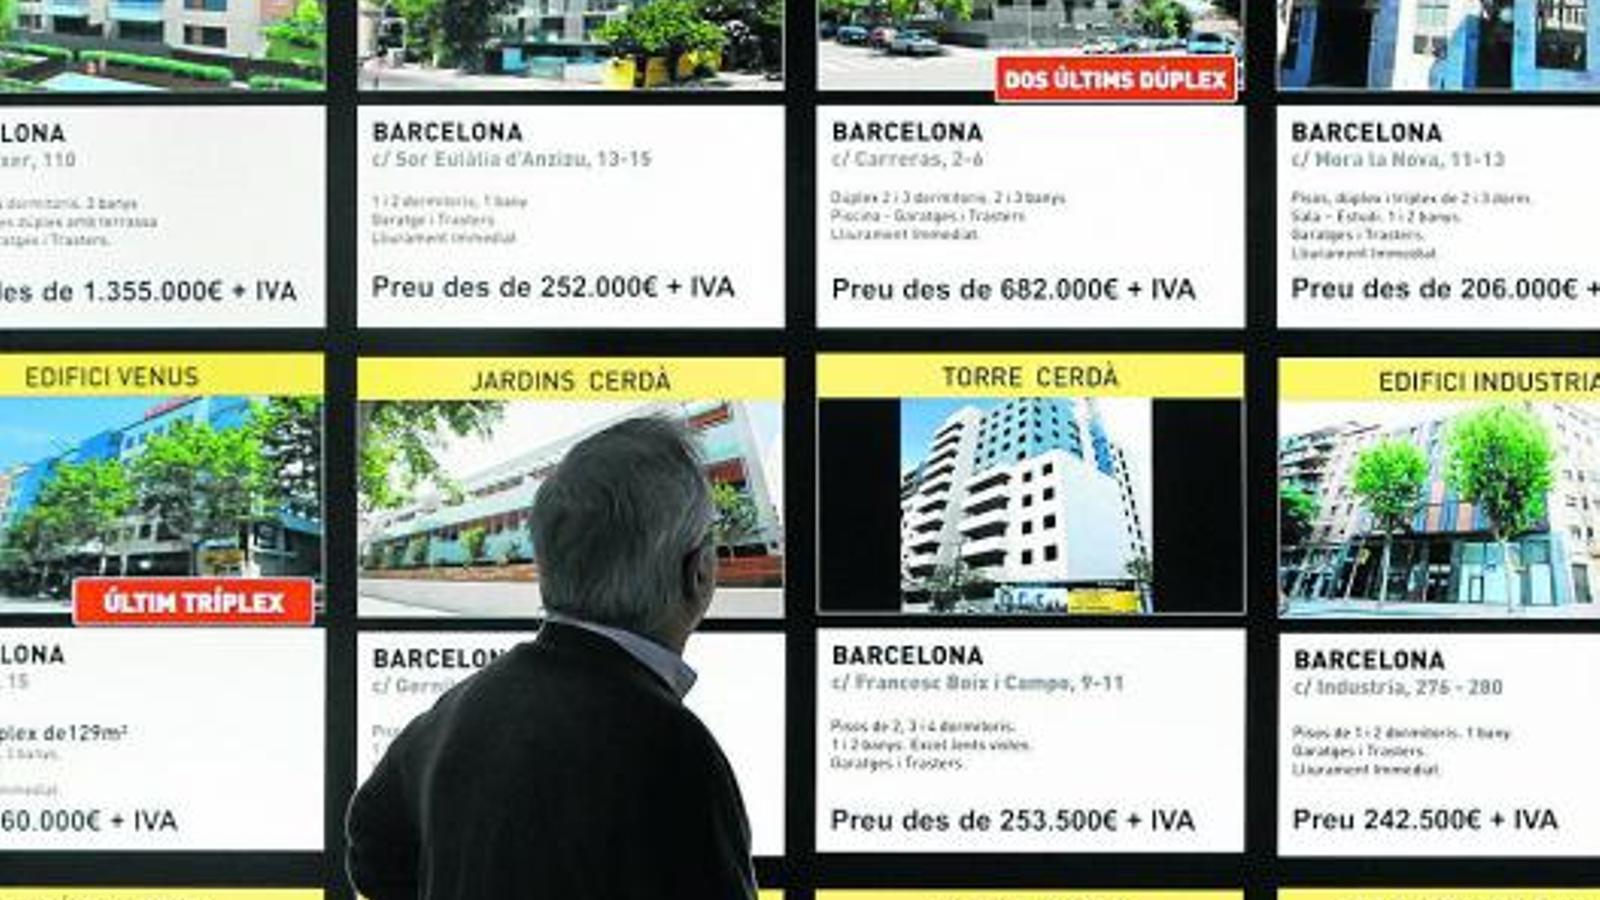 El preu de l'habitatge continua caient des dels màxims de l'any 2008, tot i que Barcelona continua sent una de les ciutats més cares de l'Estat.